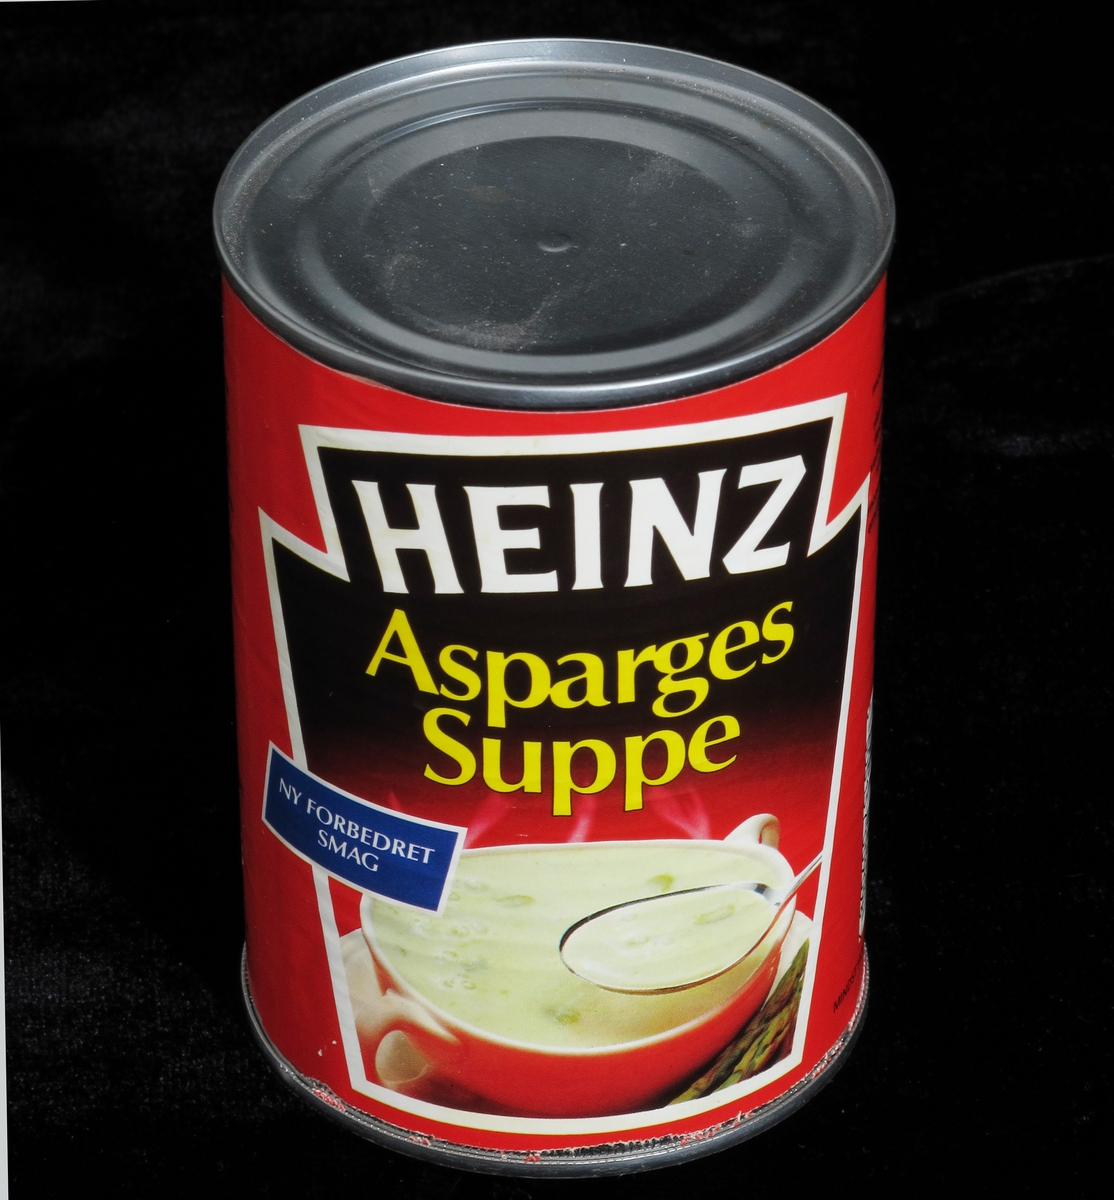 Suppe i rød og hvit suppebolle.